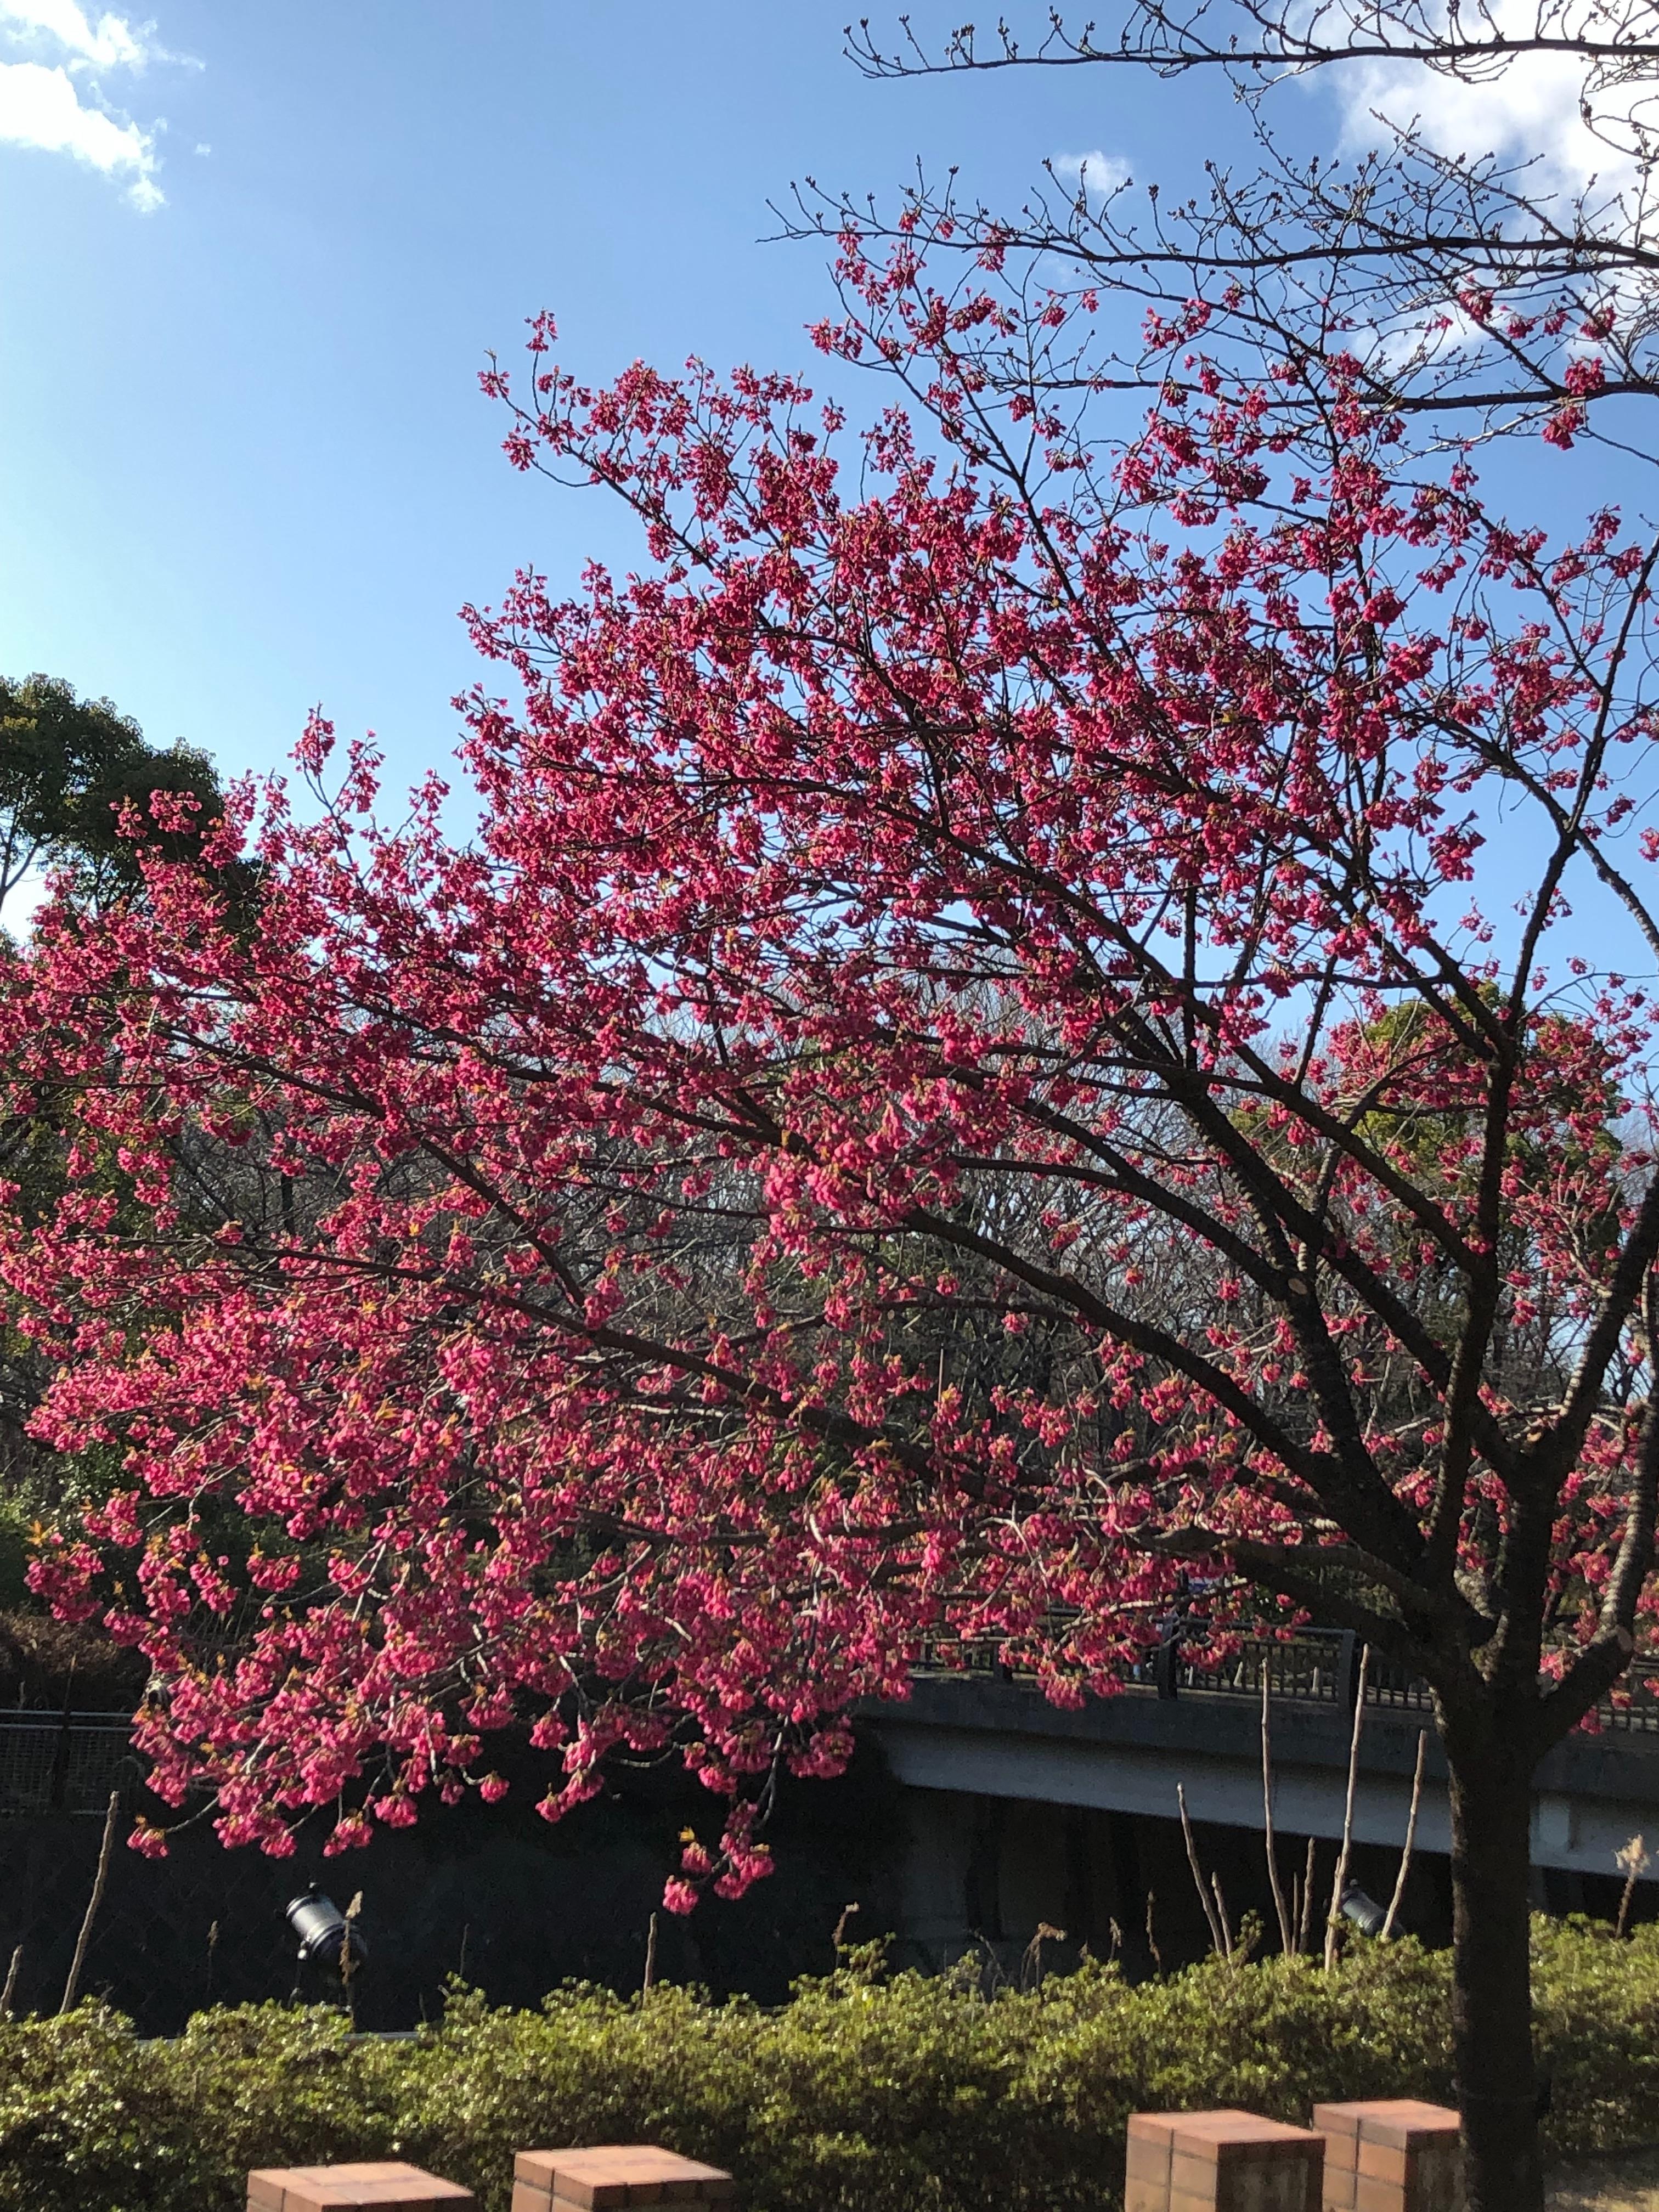 f:id:chiisanatenohira:20190325212035j:image